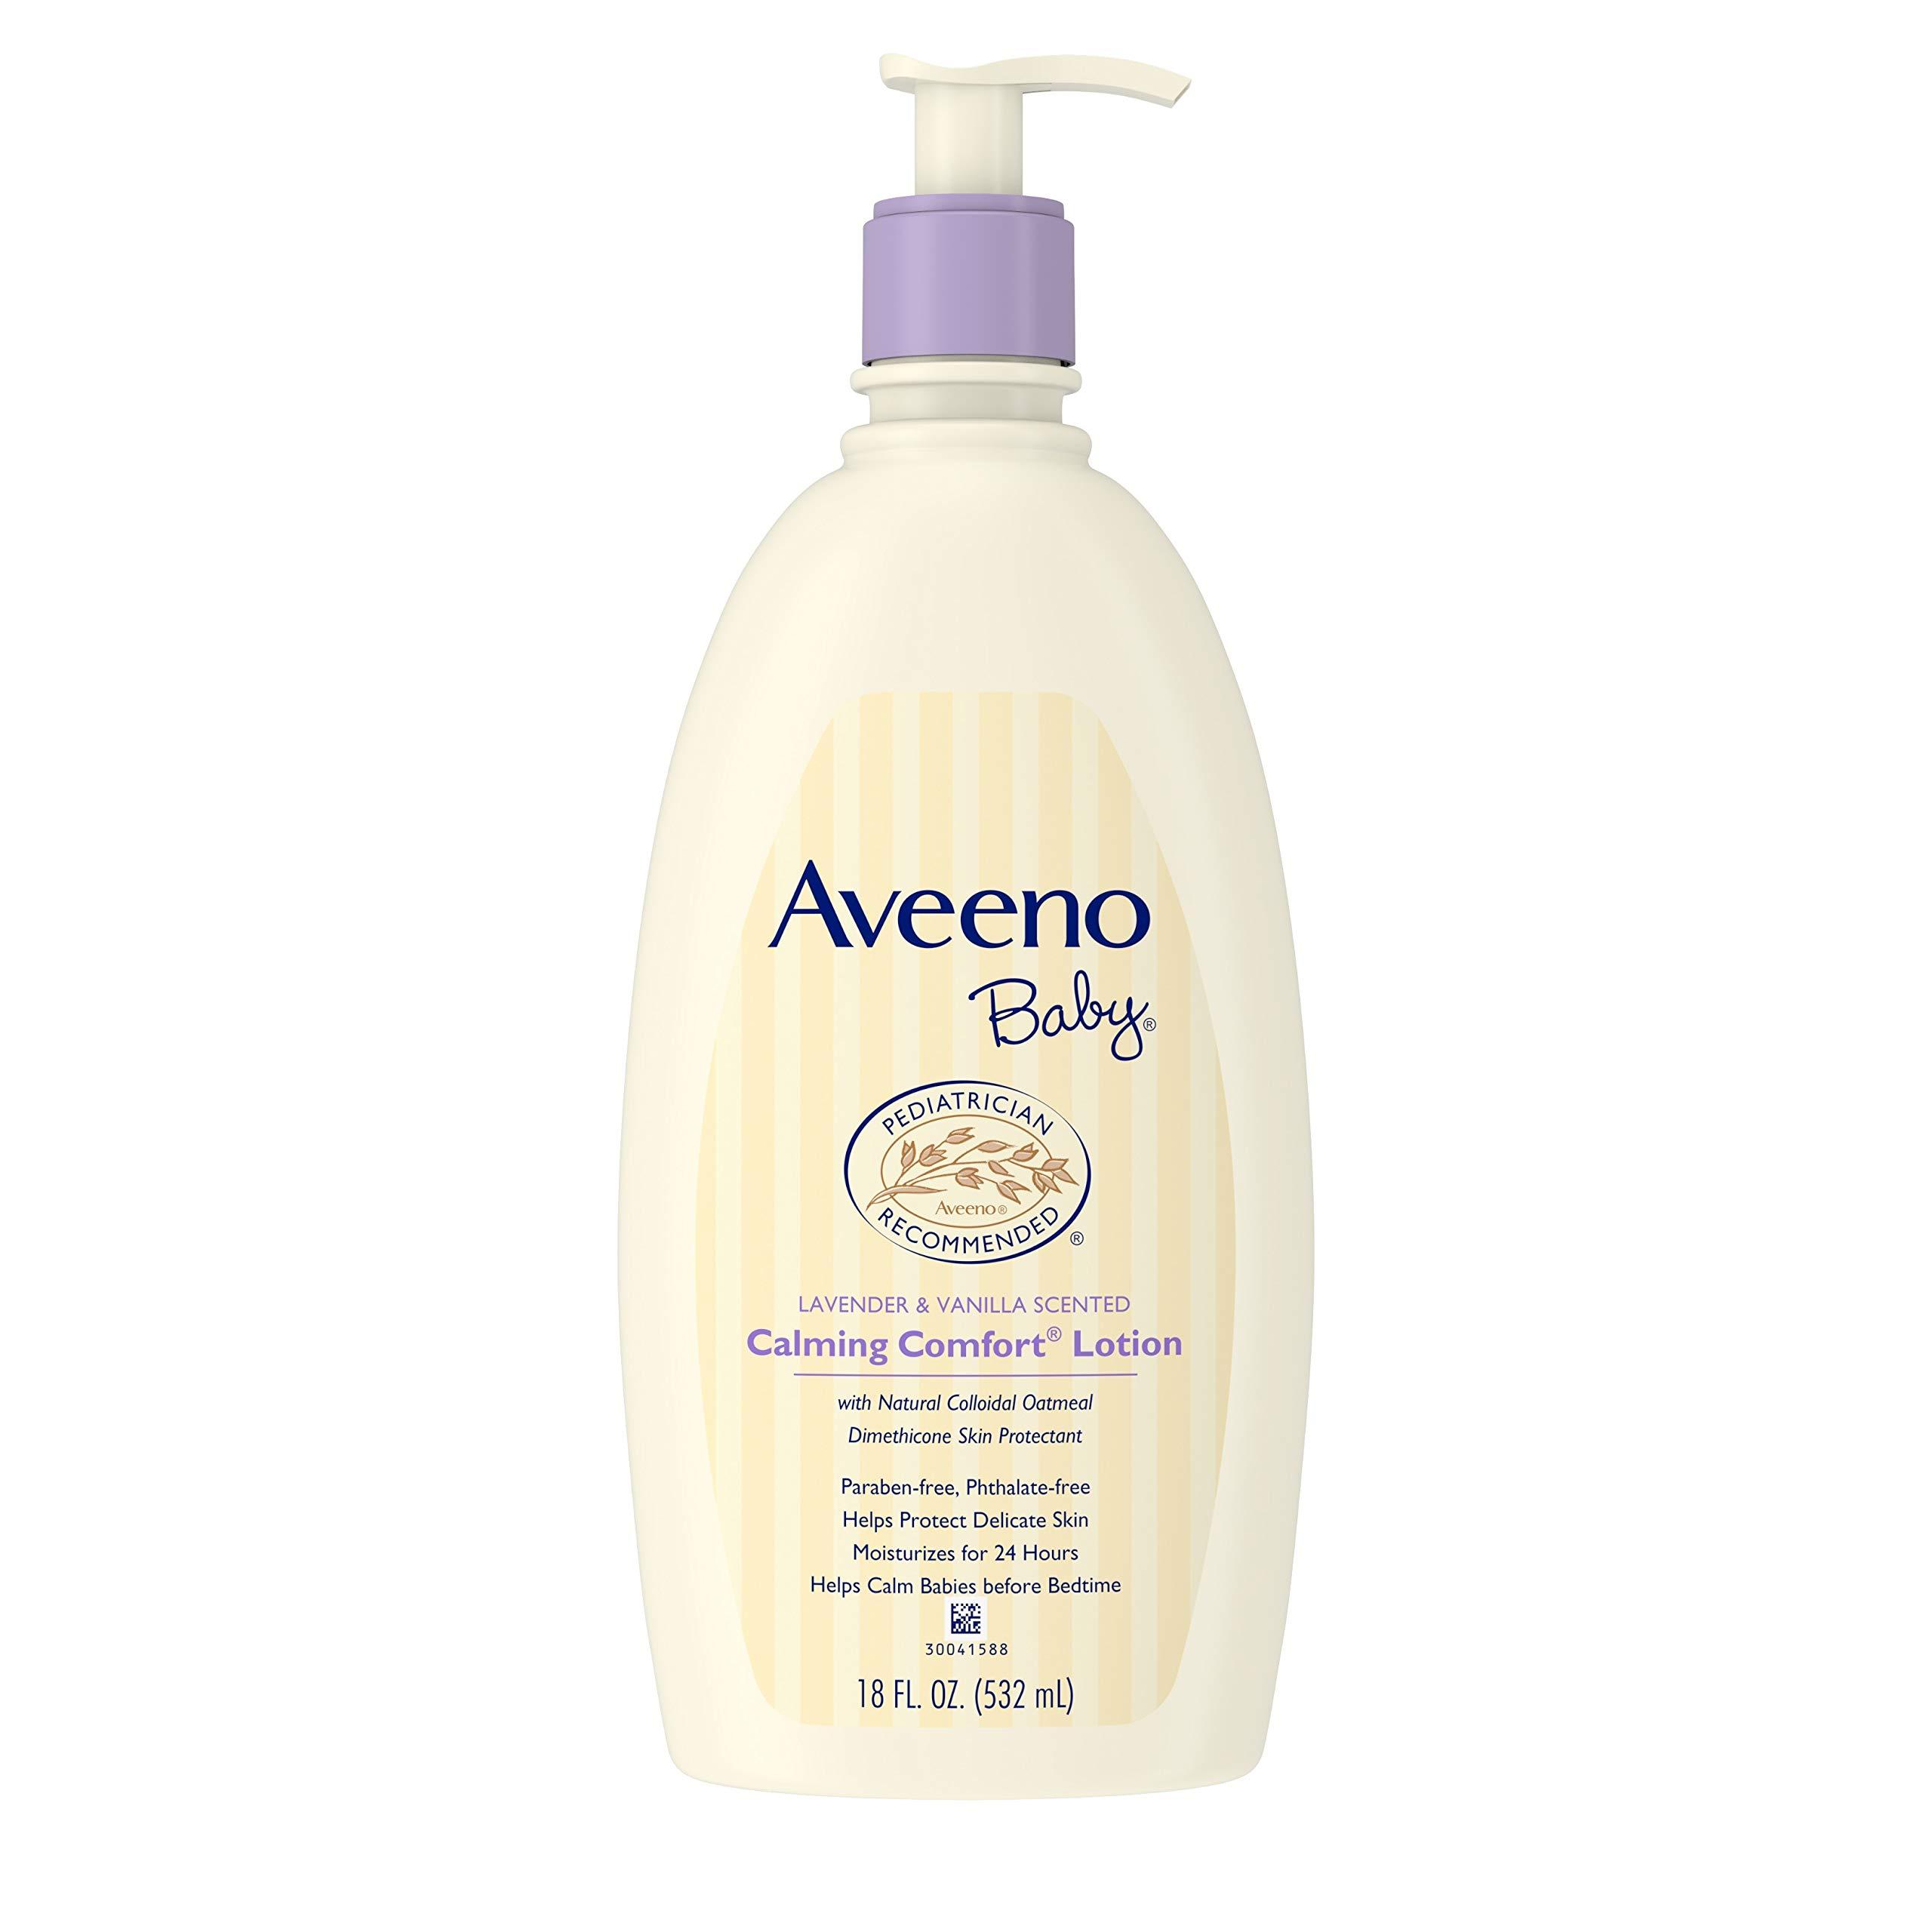 Aveeno艾惟诺 婴儿舒缓保湿乳液,含有薰衣草,香草和天然燕麦片,18液体盎司/532毫升